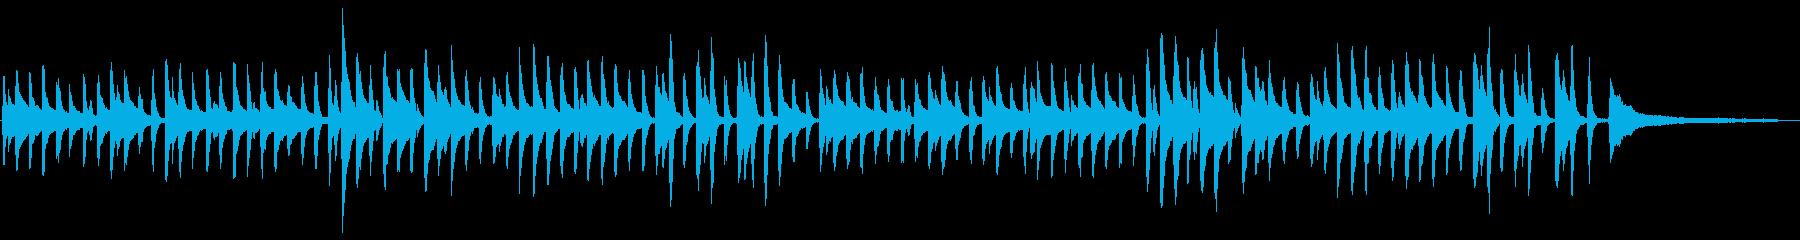 童謡「鯉のぼり」シンプルなピアノソロの再生済みの波形